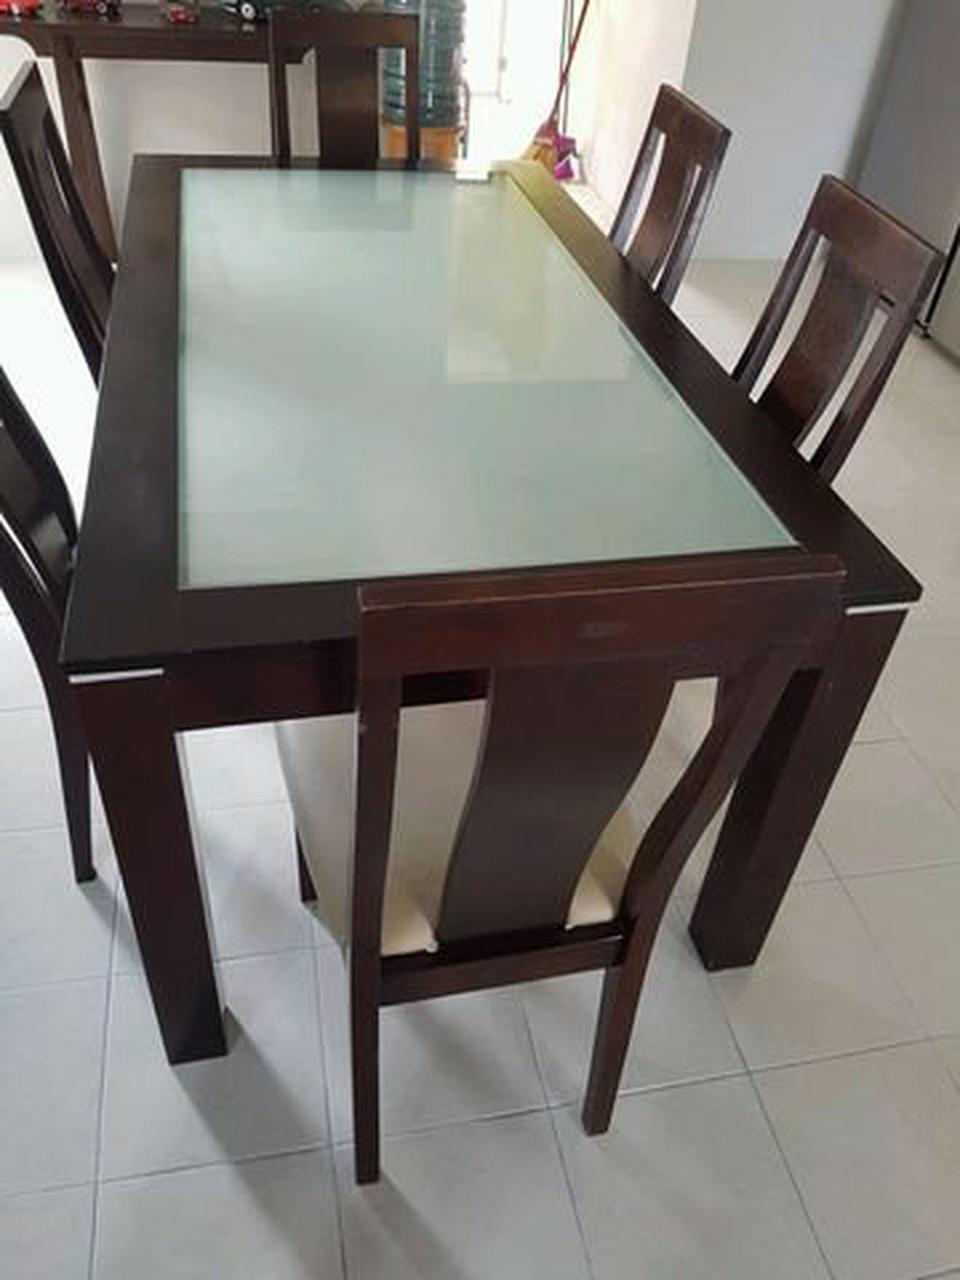 ชุดโต๊ะ พร้อมเก้าอี้ 6 ที่นั่ง  ขนาดโต๊ะ 165x90 cm. รูปที่ 4